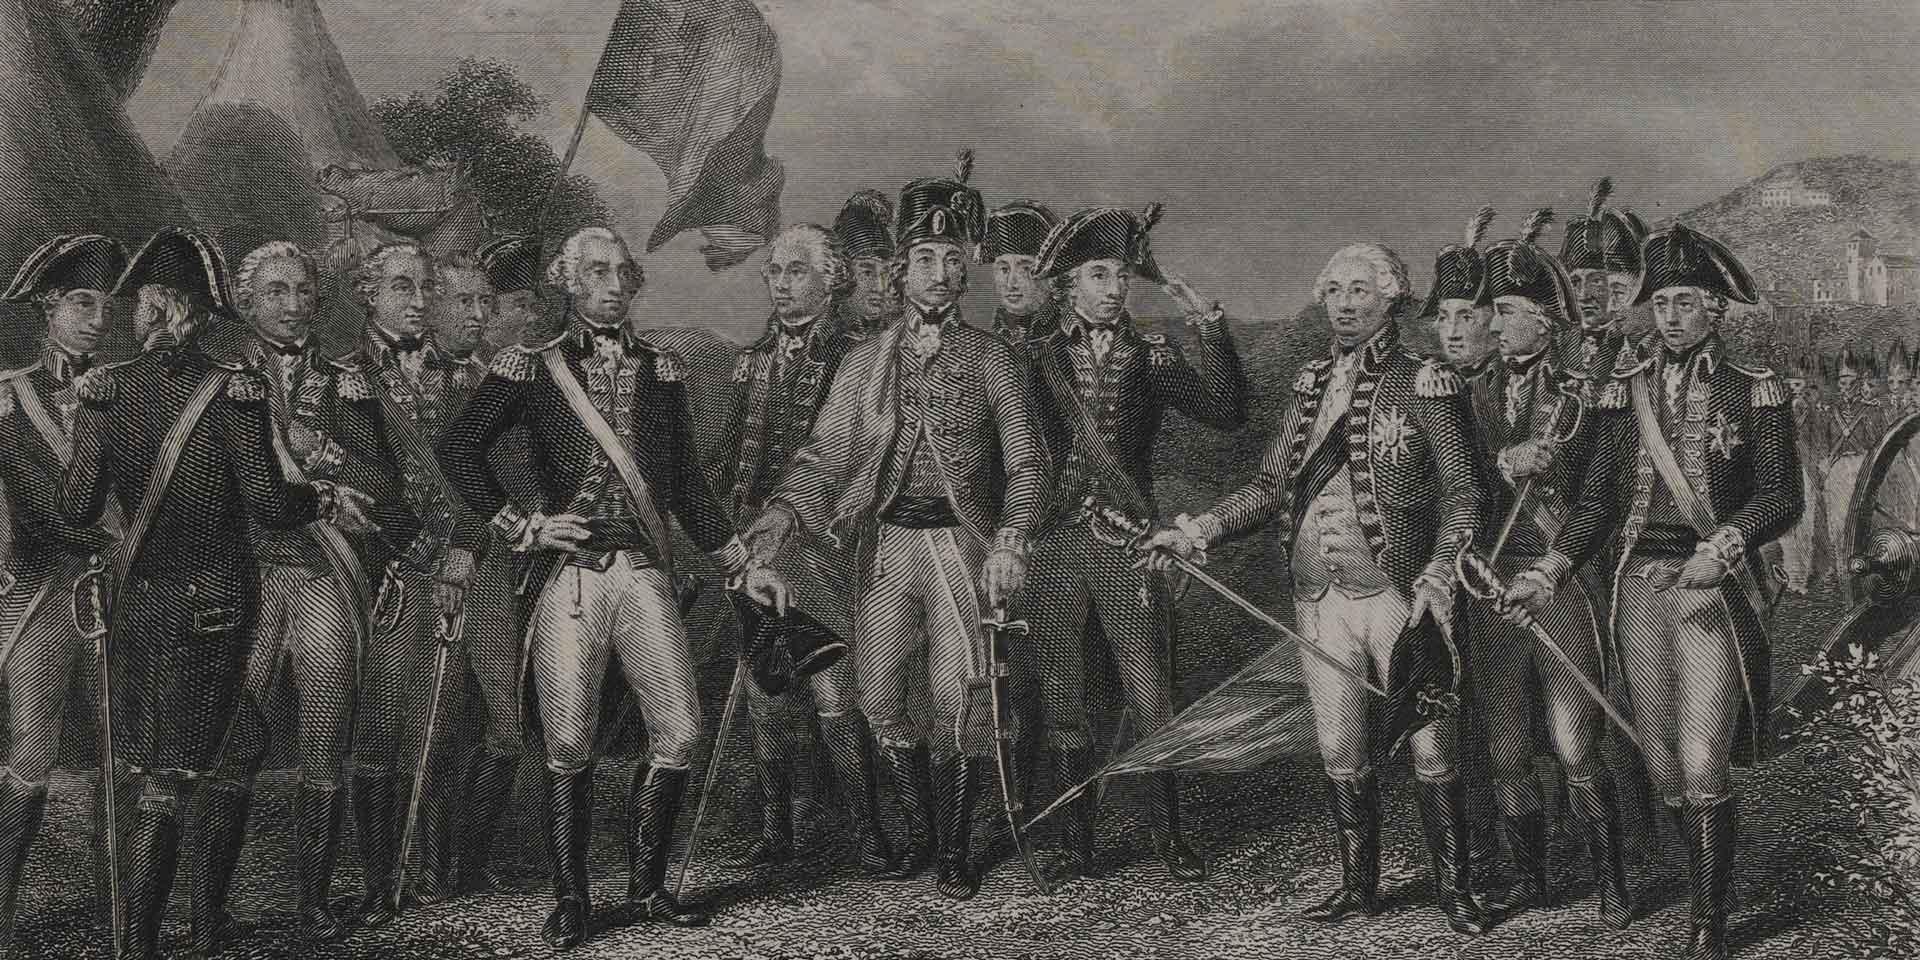 The British surrender at Yorktown, 1781